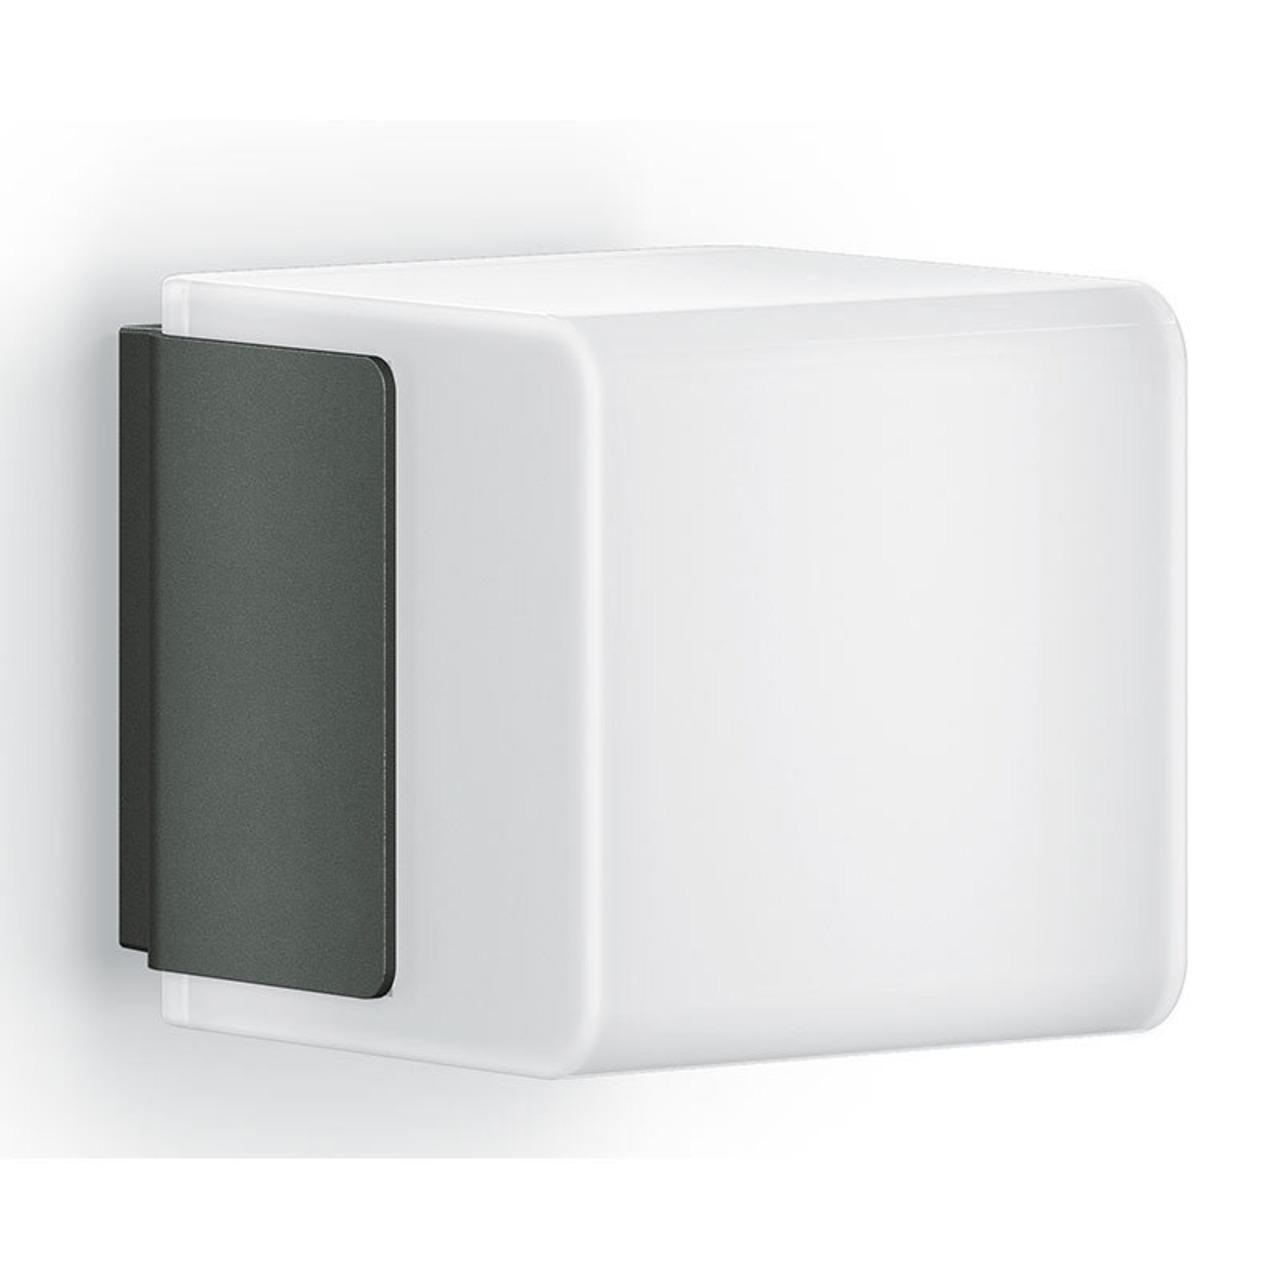 Steinel L 835 LED iHF Sensor-LED-Wandleuchte mit HF-Bewegungsmelder- per App einstellbar- anthrazit